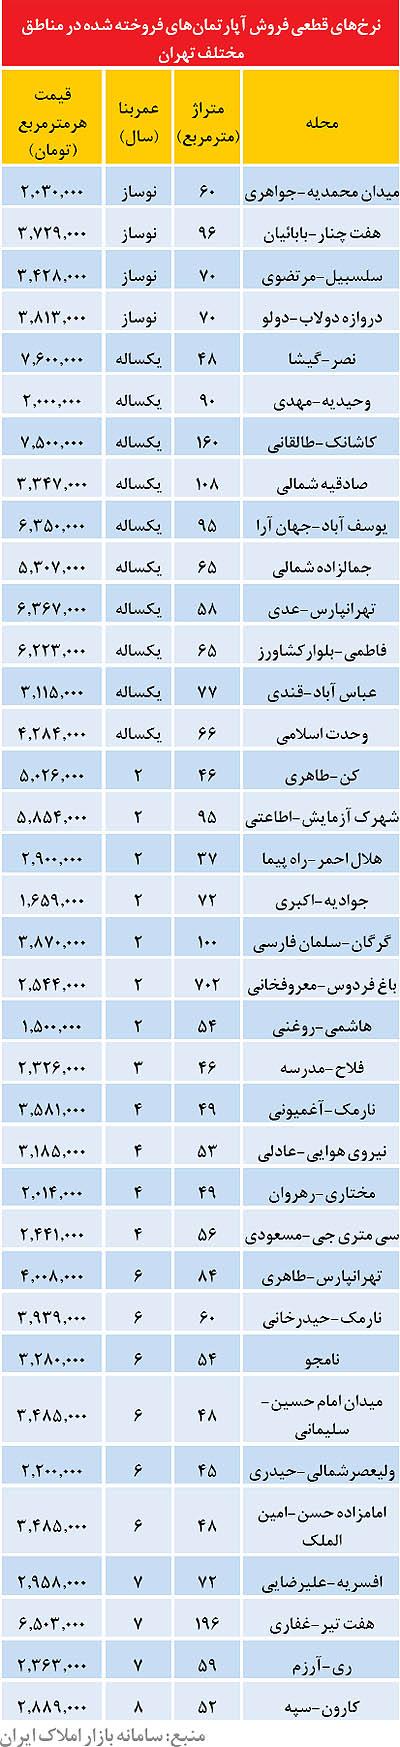 قیمت آپارتمان های تهران در سال 94 /جدول